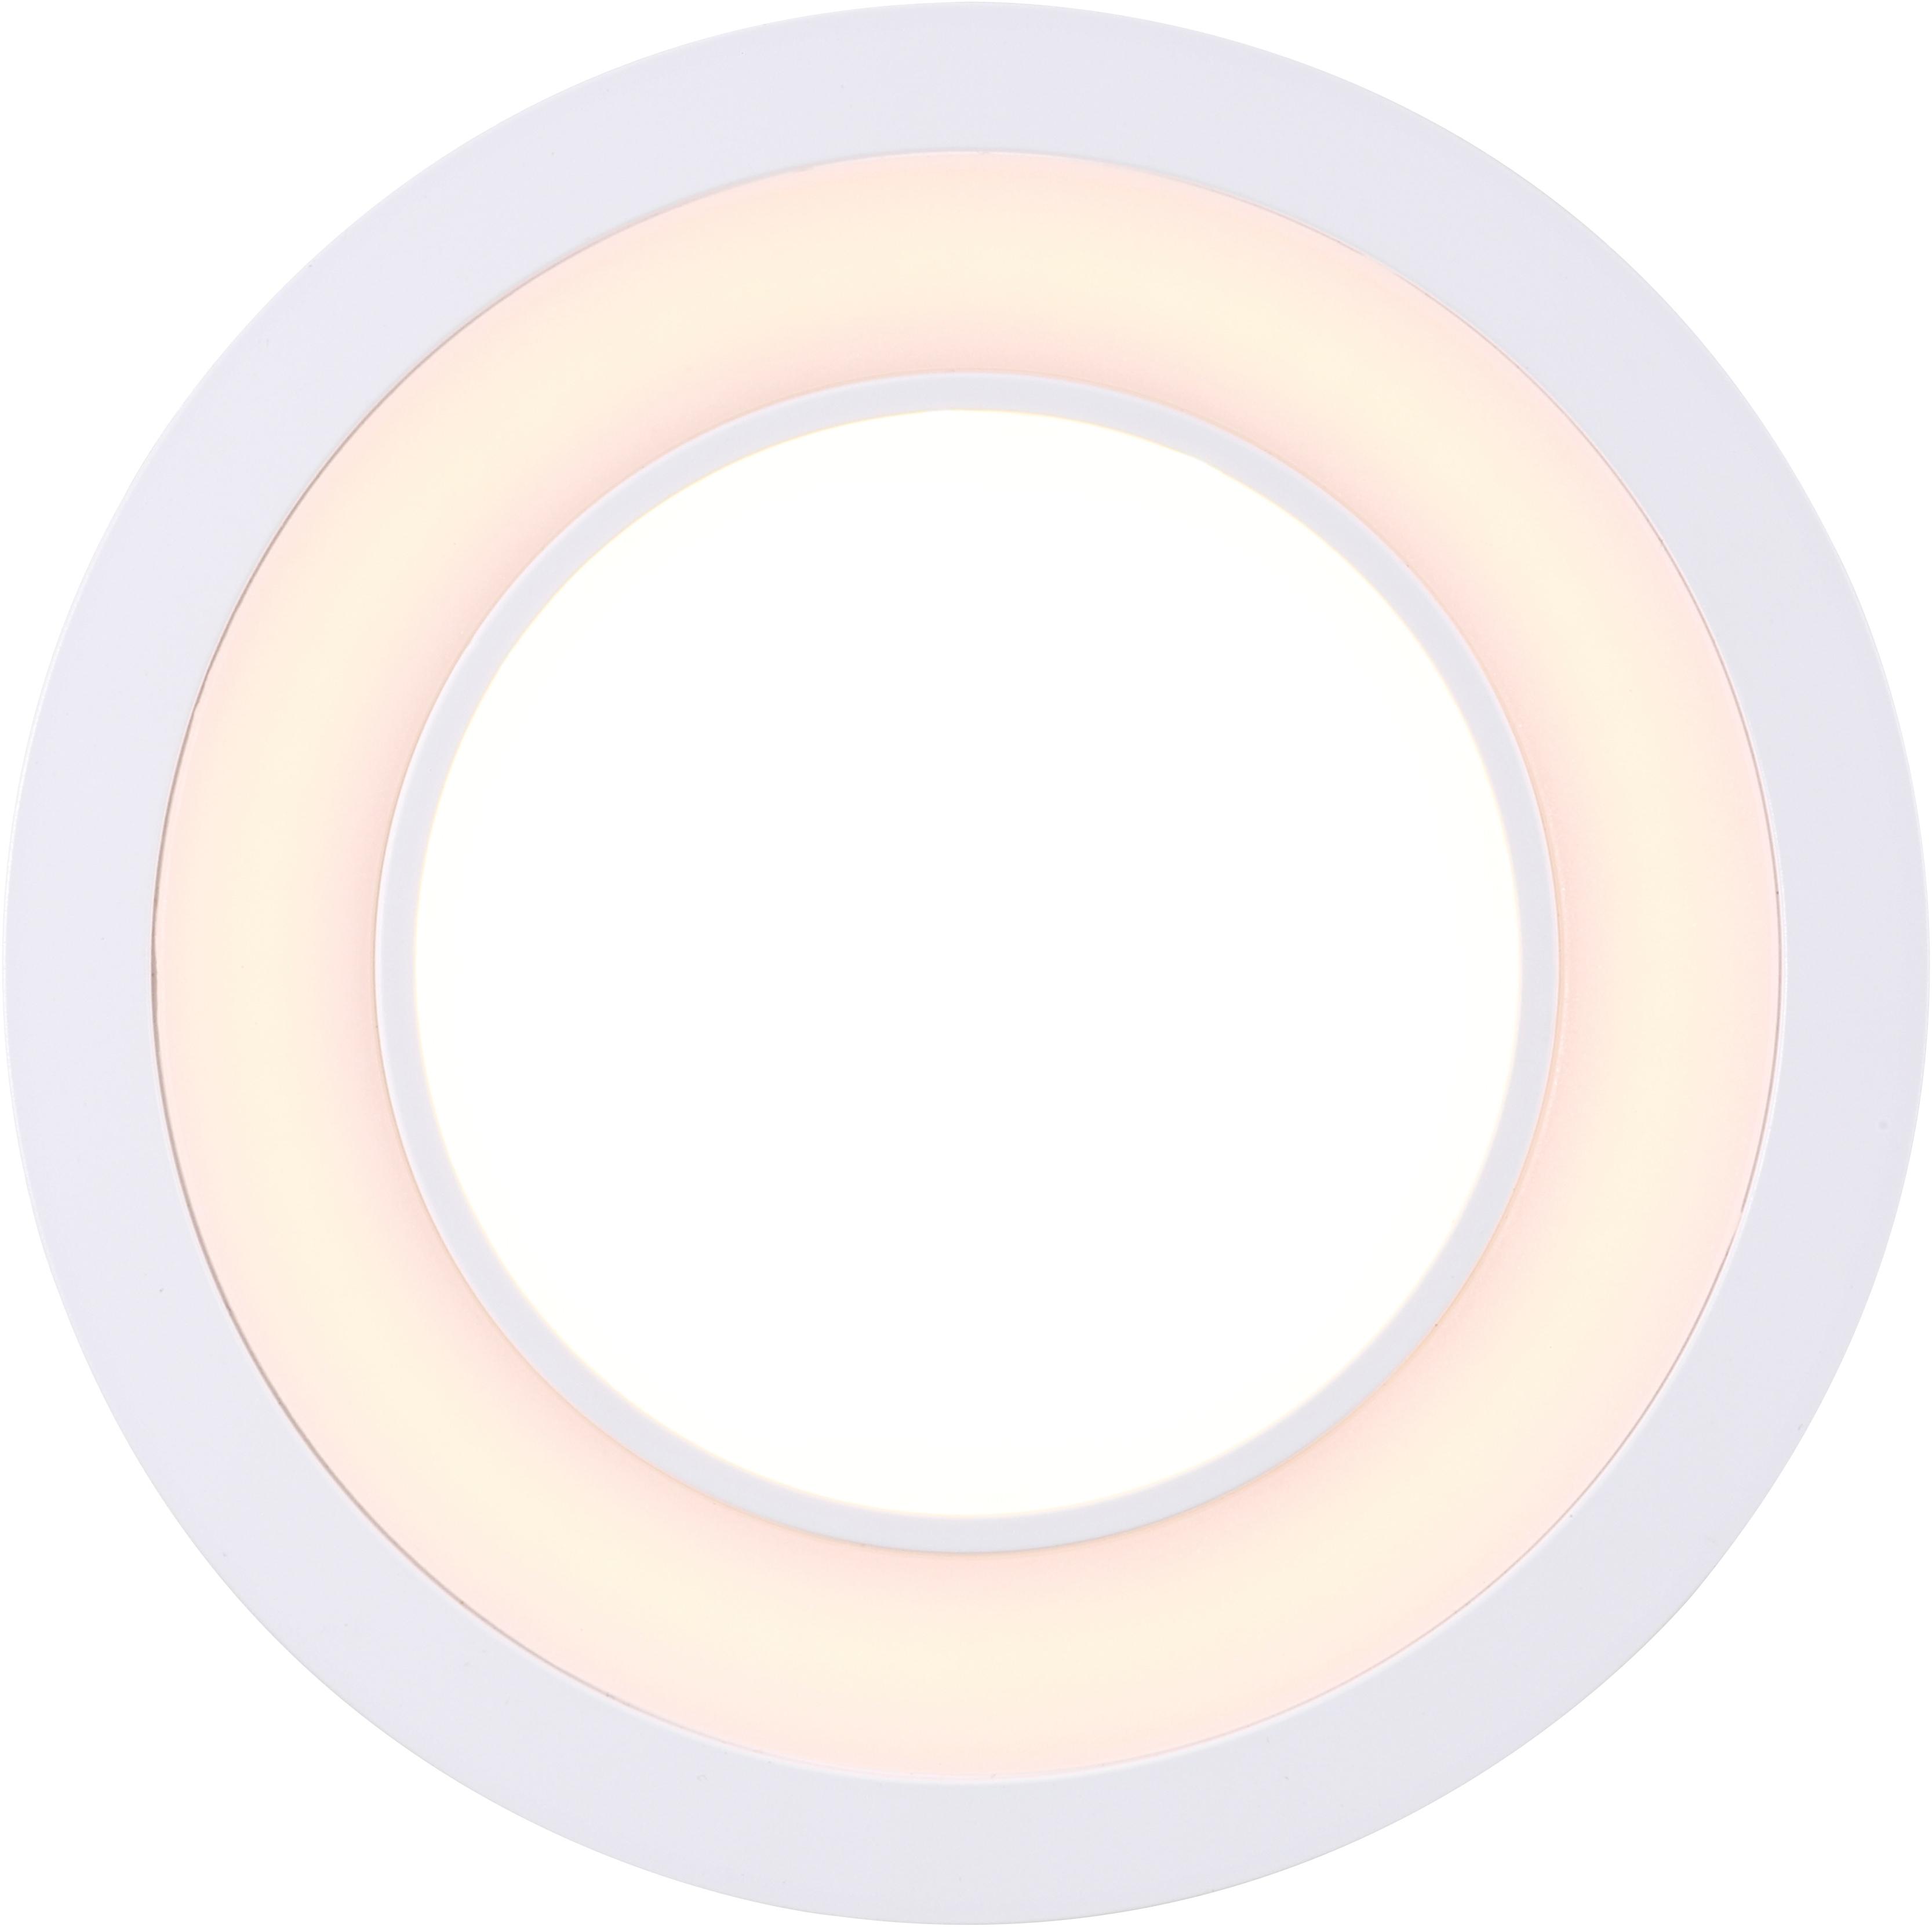 Nordlux LED Einbaustrahler 2er Set Clyde 15, LED-Board, Warmweiß, Einbauleuchte mit integriertem Dimmer